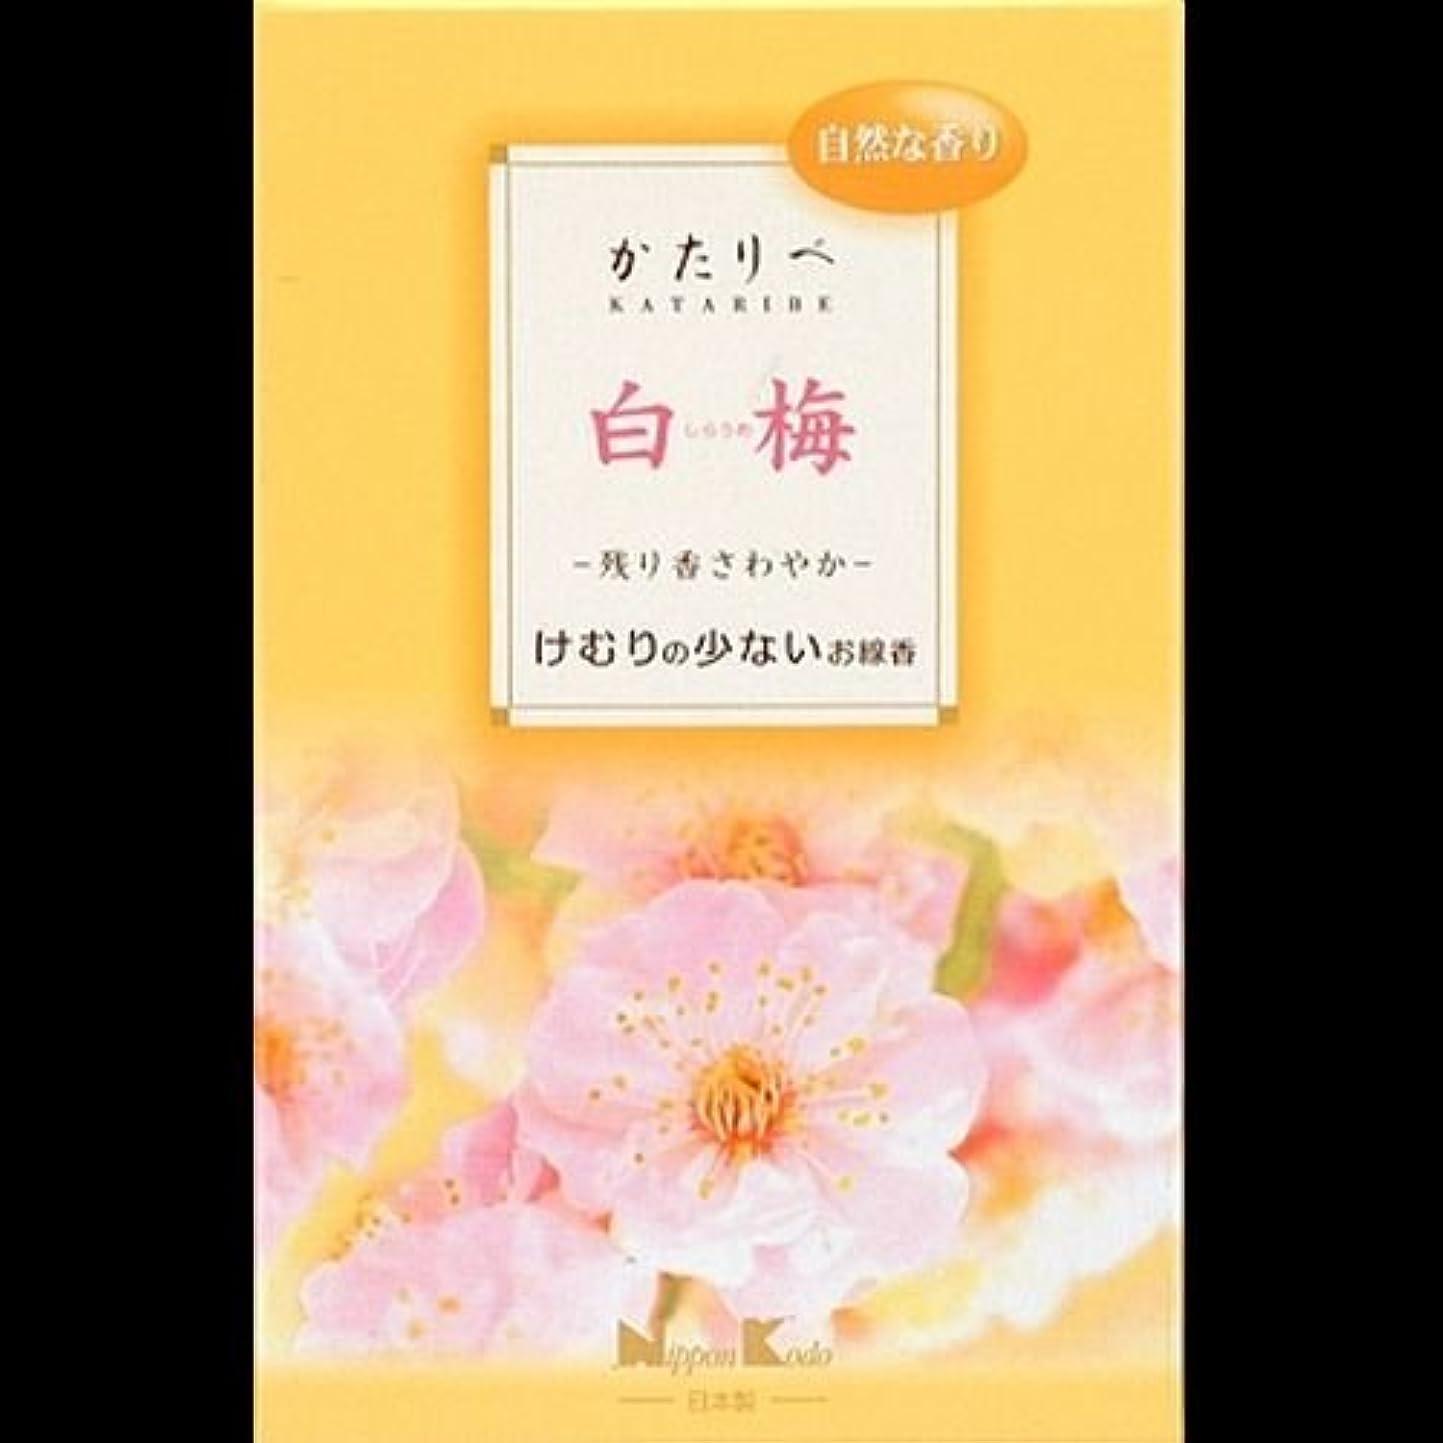 六月切り刻む免疫【まとめ買い】かたりべ 白梅 大型バラ詰 ×2セット